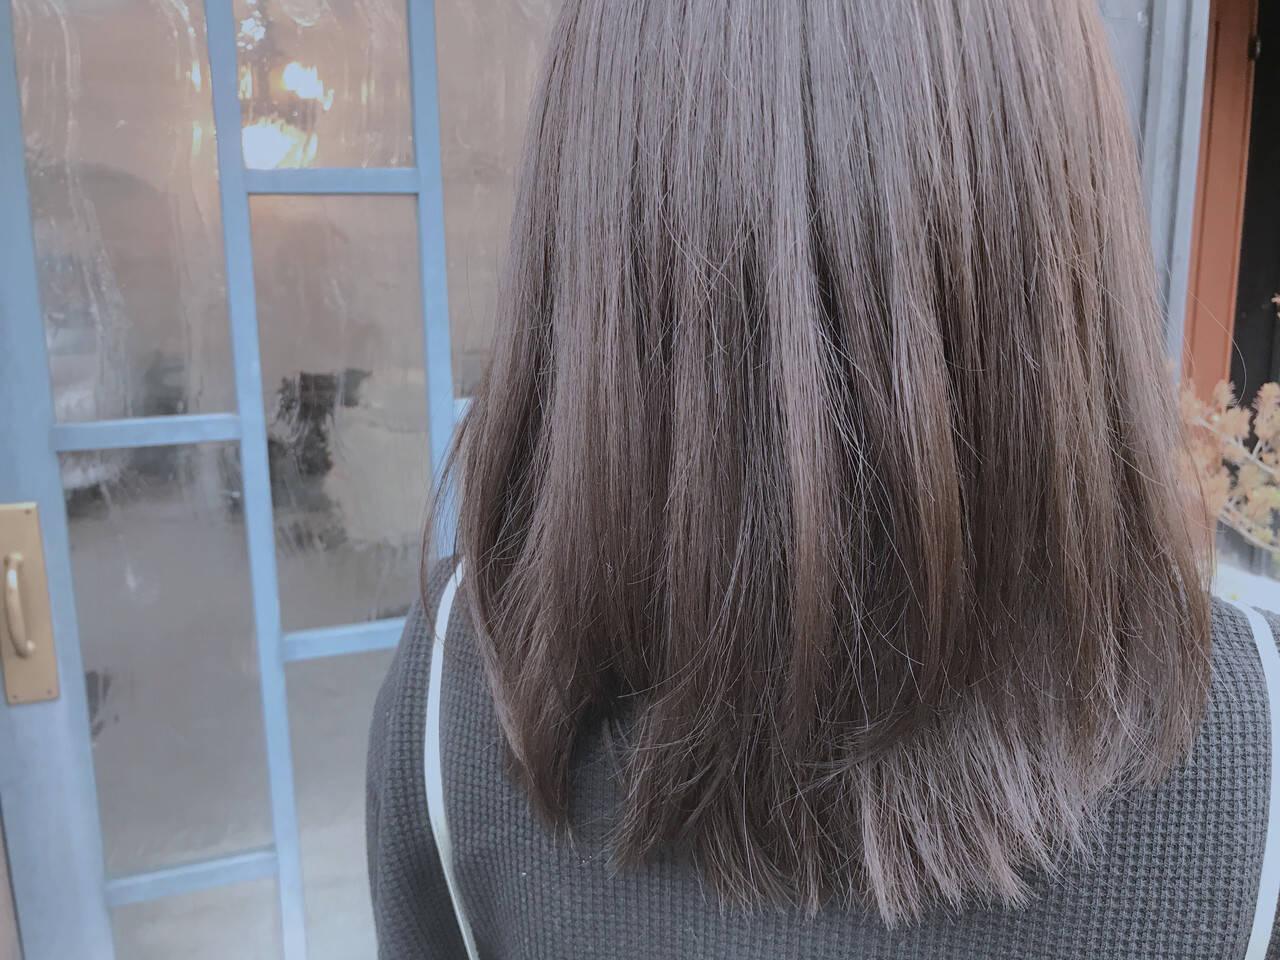 ダークカラー 男ウケ セミロング ショコラブラウンヘアスタイルや髪型の写真・画像